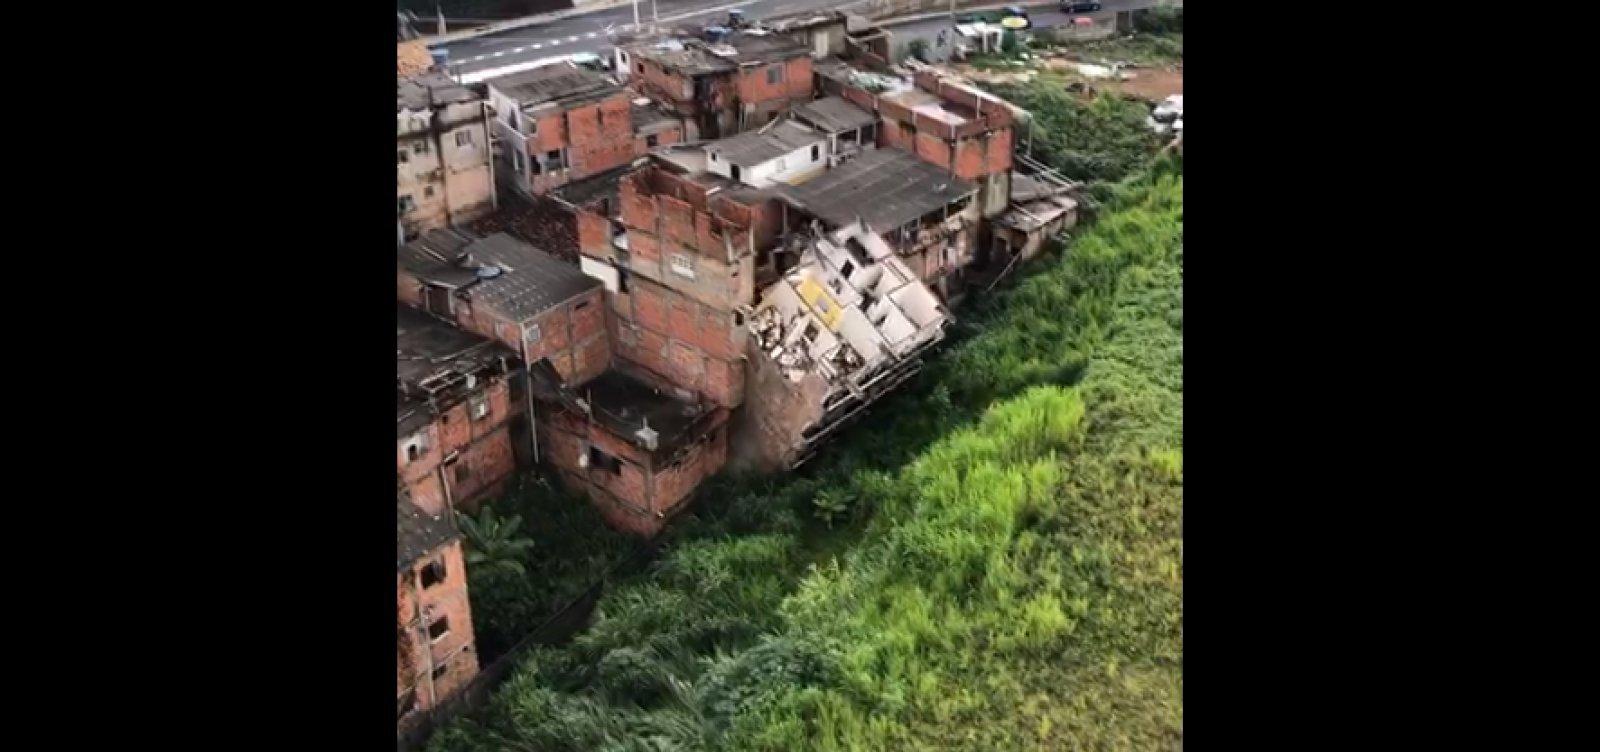 [Imóvel que desabou em Narandiba foi condenado pela Codesal na quarta-feira (15)]